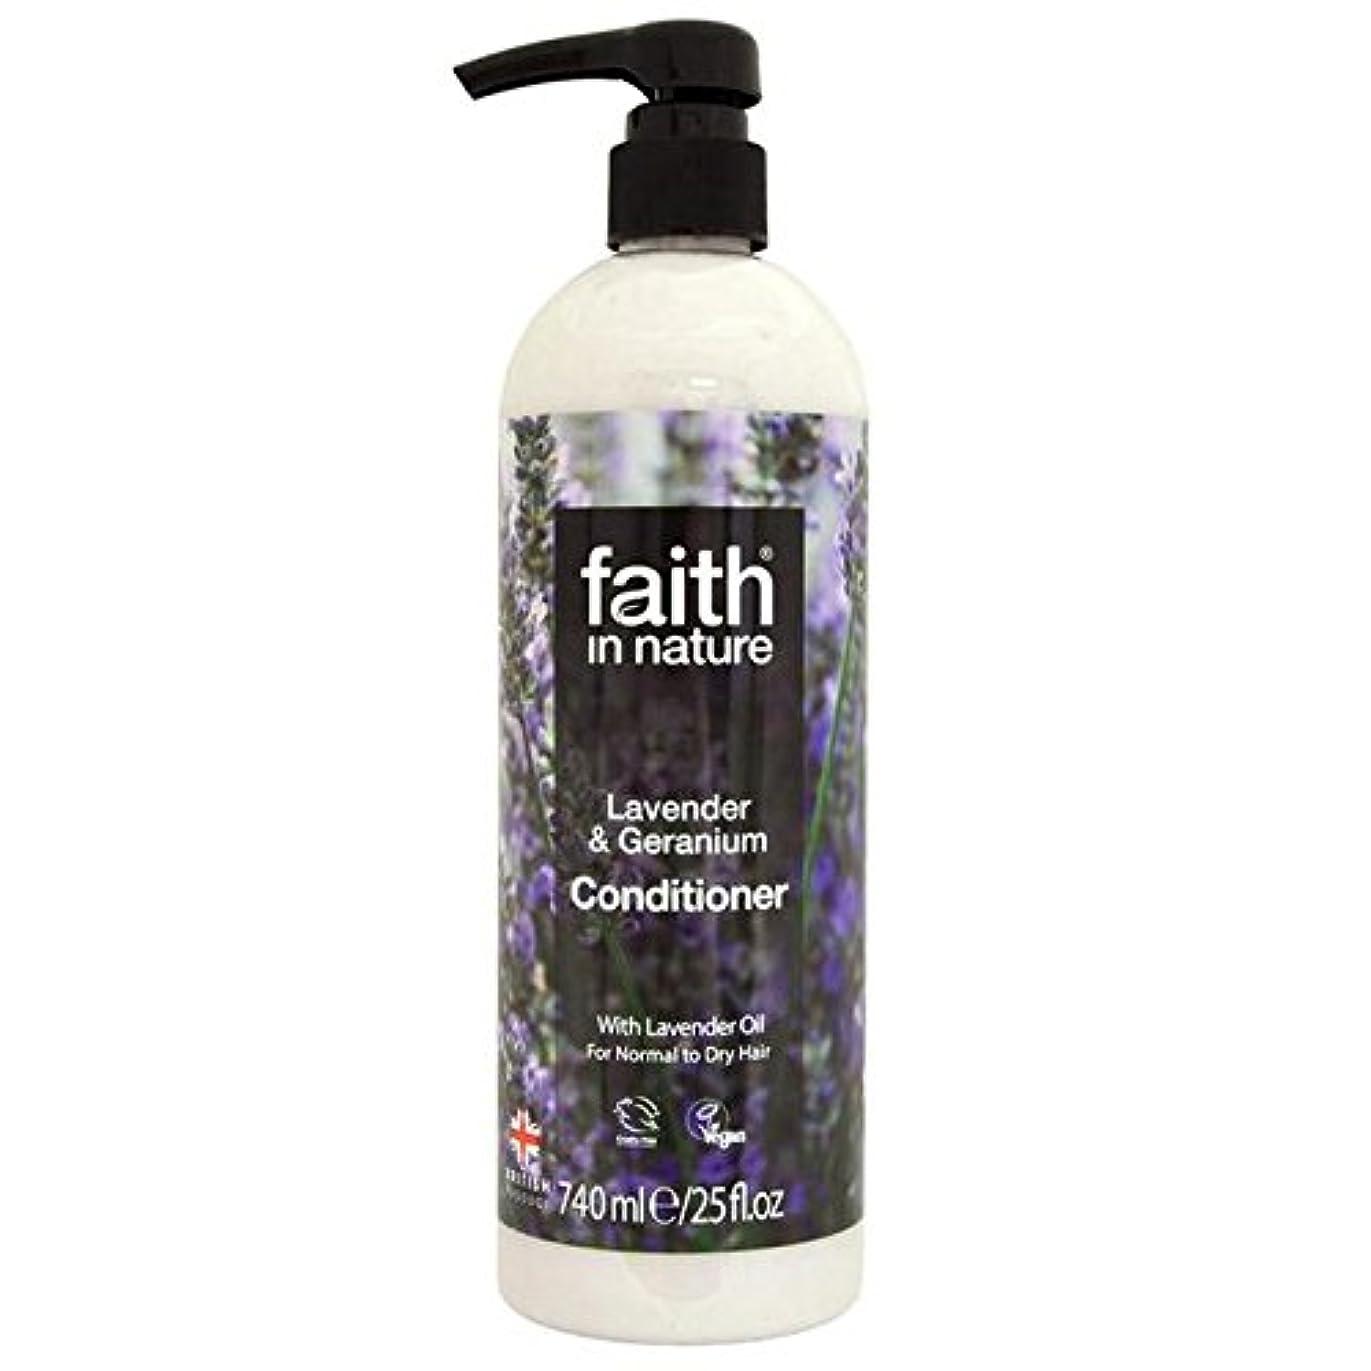 突き刺す符号借りているFaith in Nature Lavender & Geranium Conditioner 740ml (Pack of 2) - (Faith In Nature) 自然ラベンダー&ゼラニウムコンディショナー740...